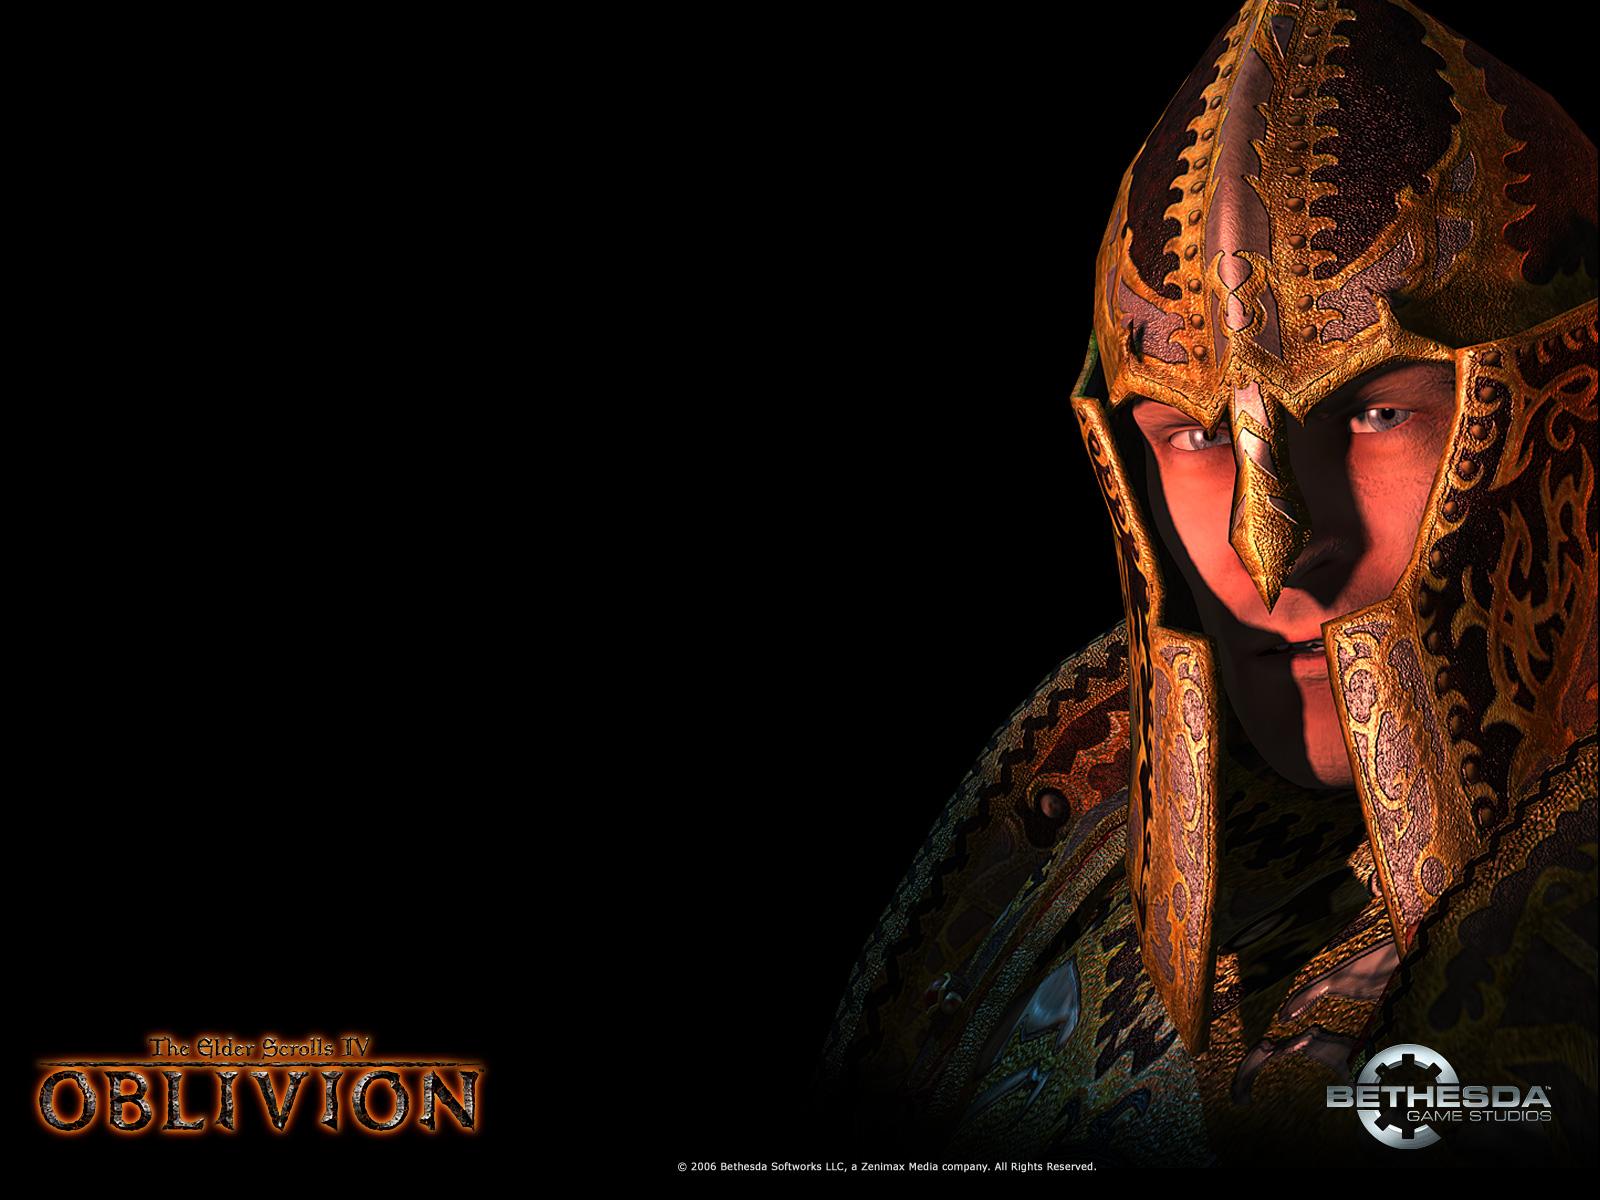 The Imperial Dragon Elder Scrolls Iv Oblivion 607019 Hd